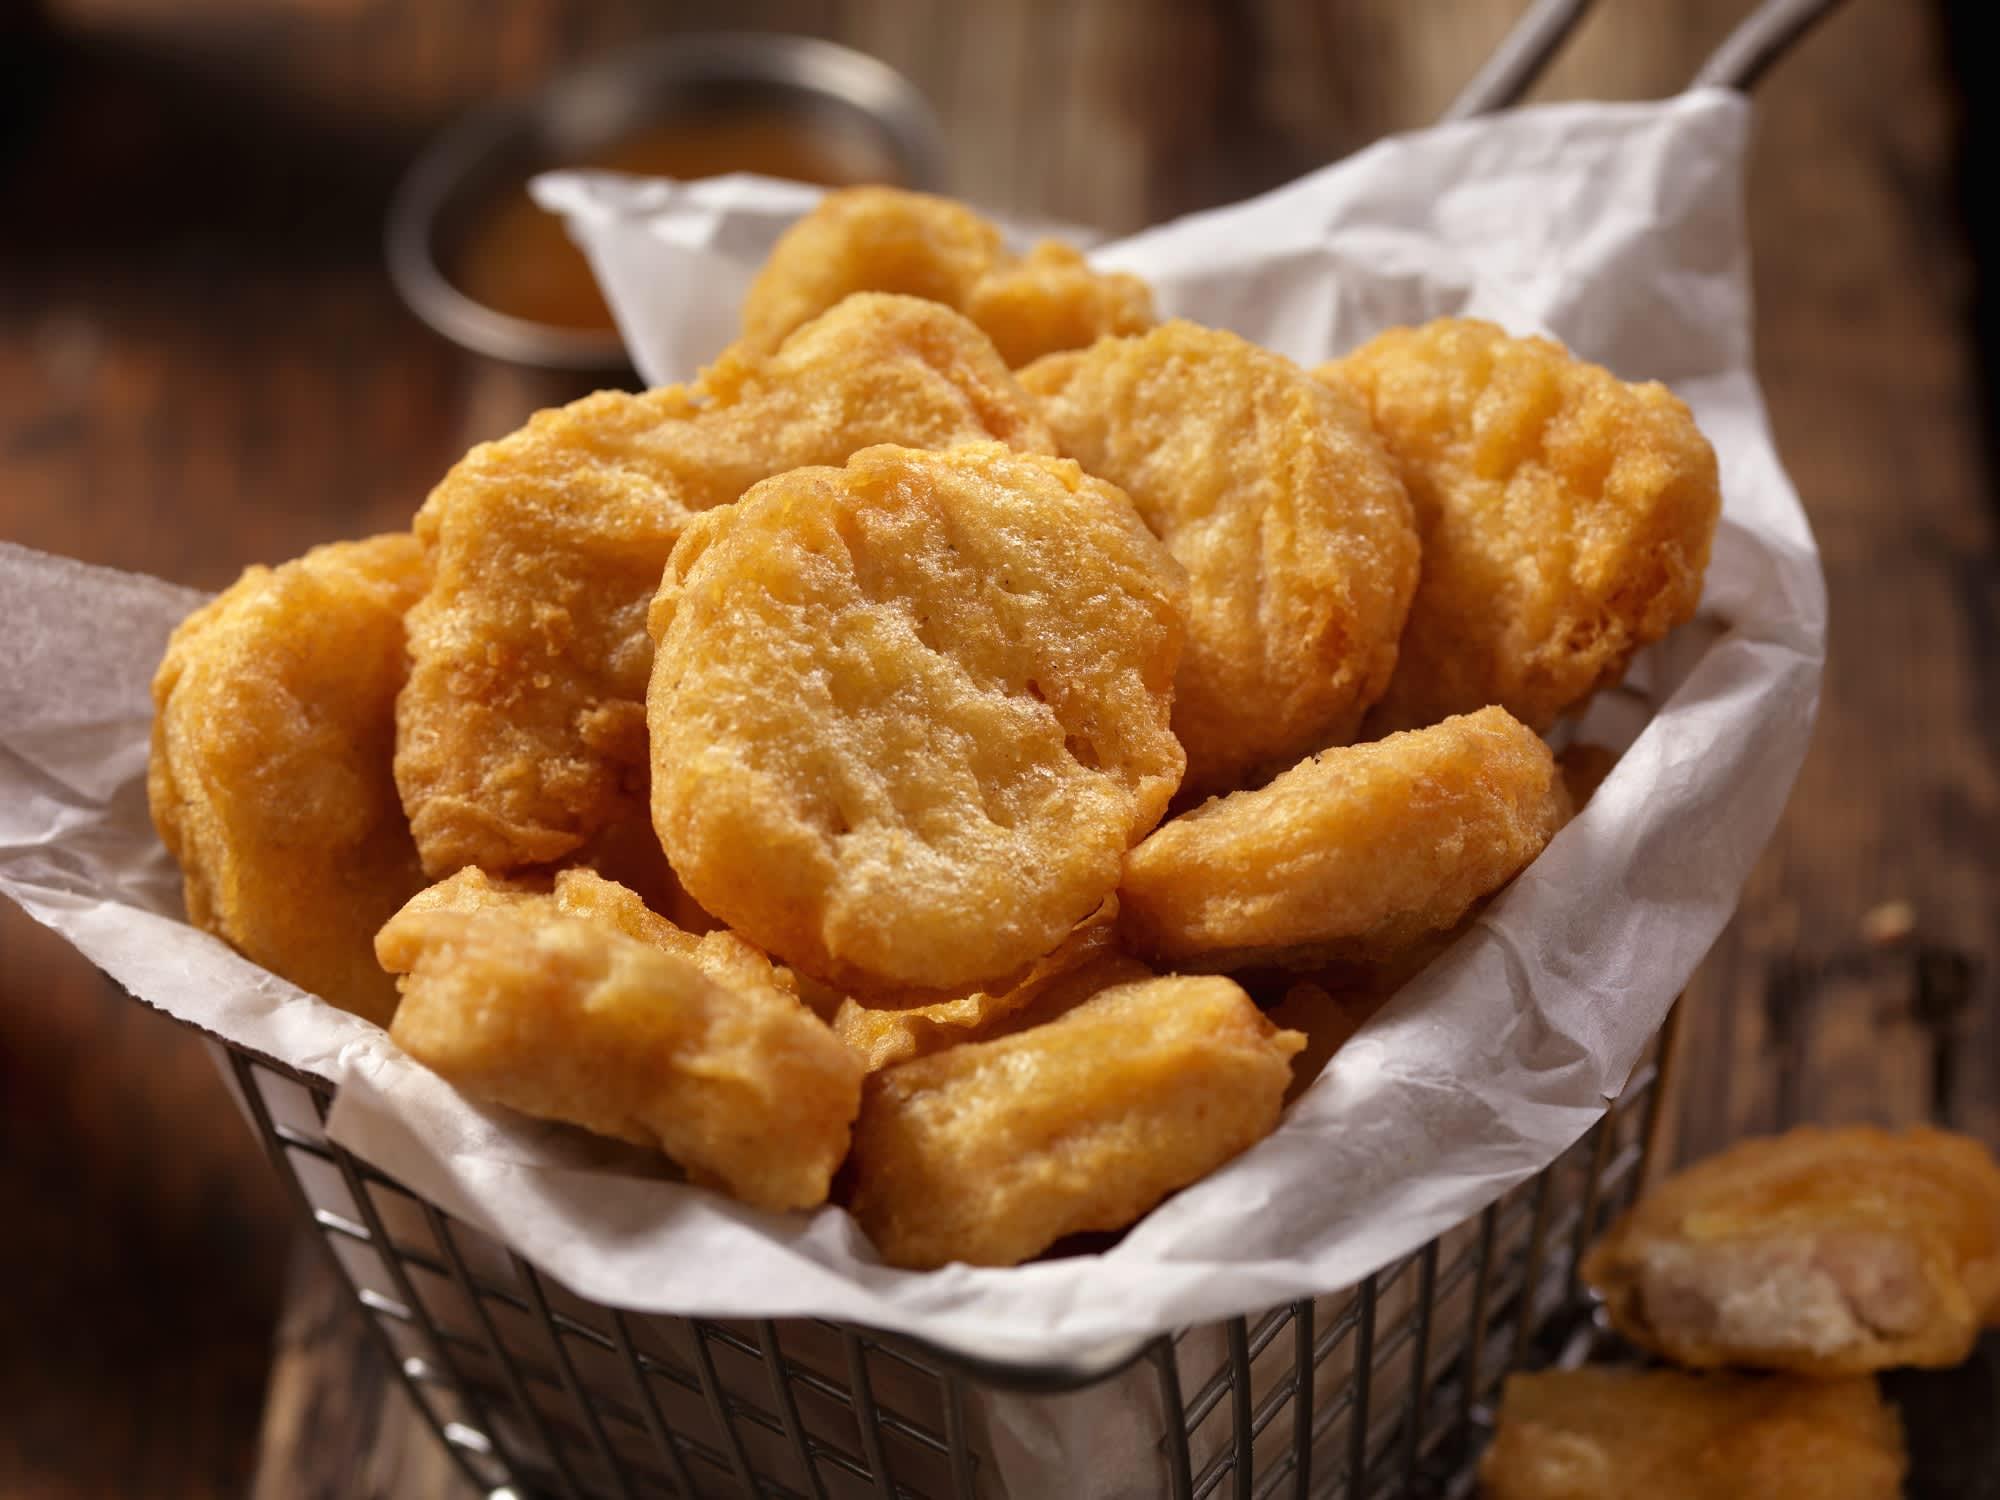 chicken nugget demand is